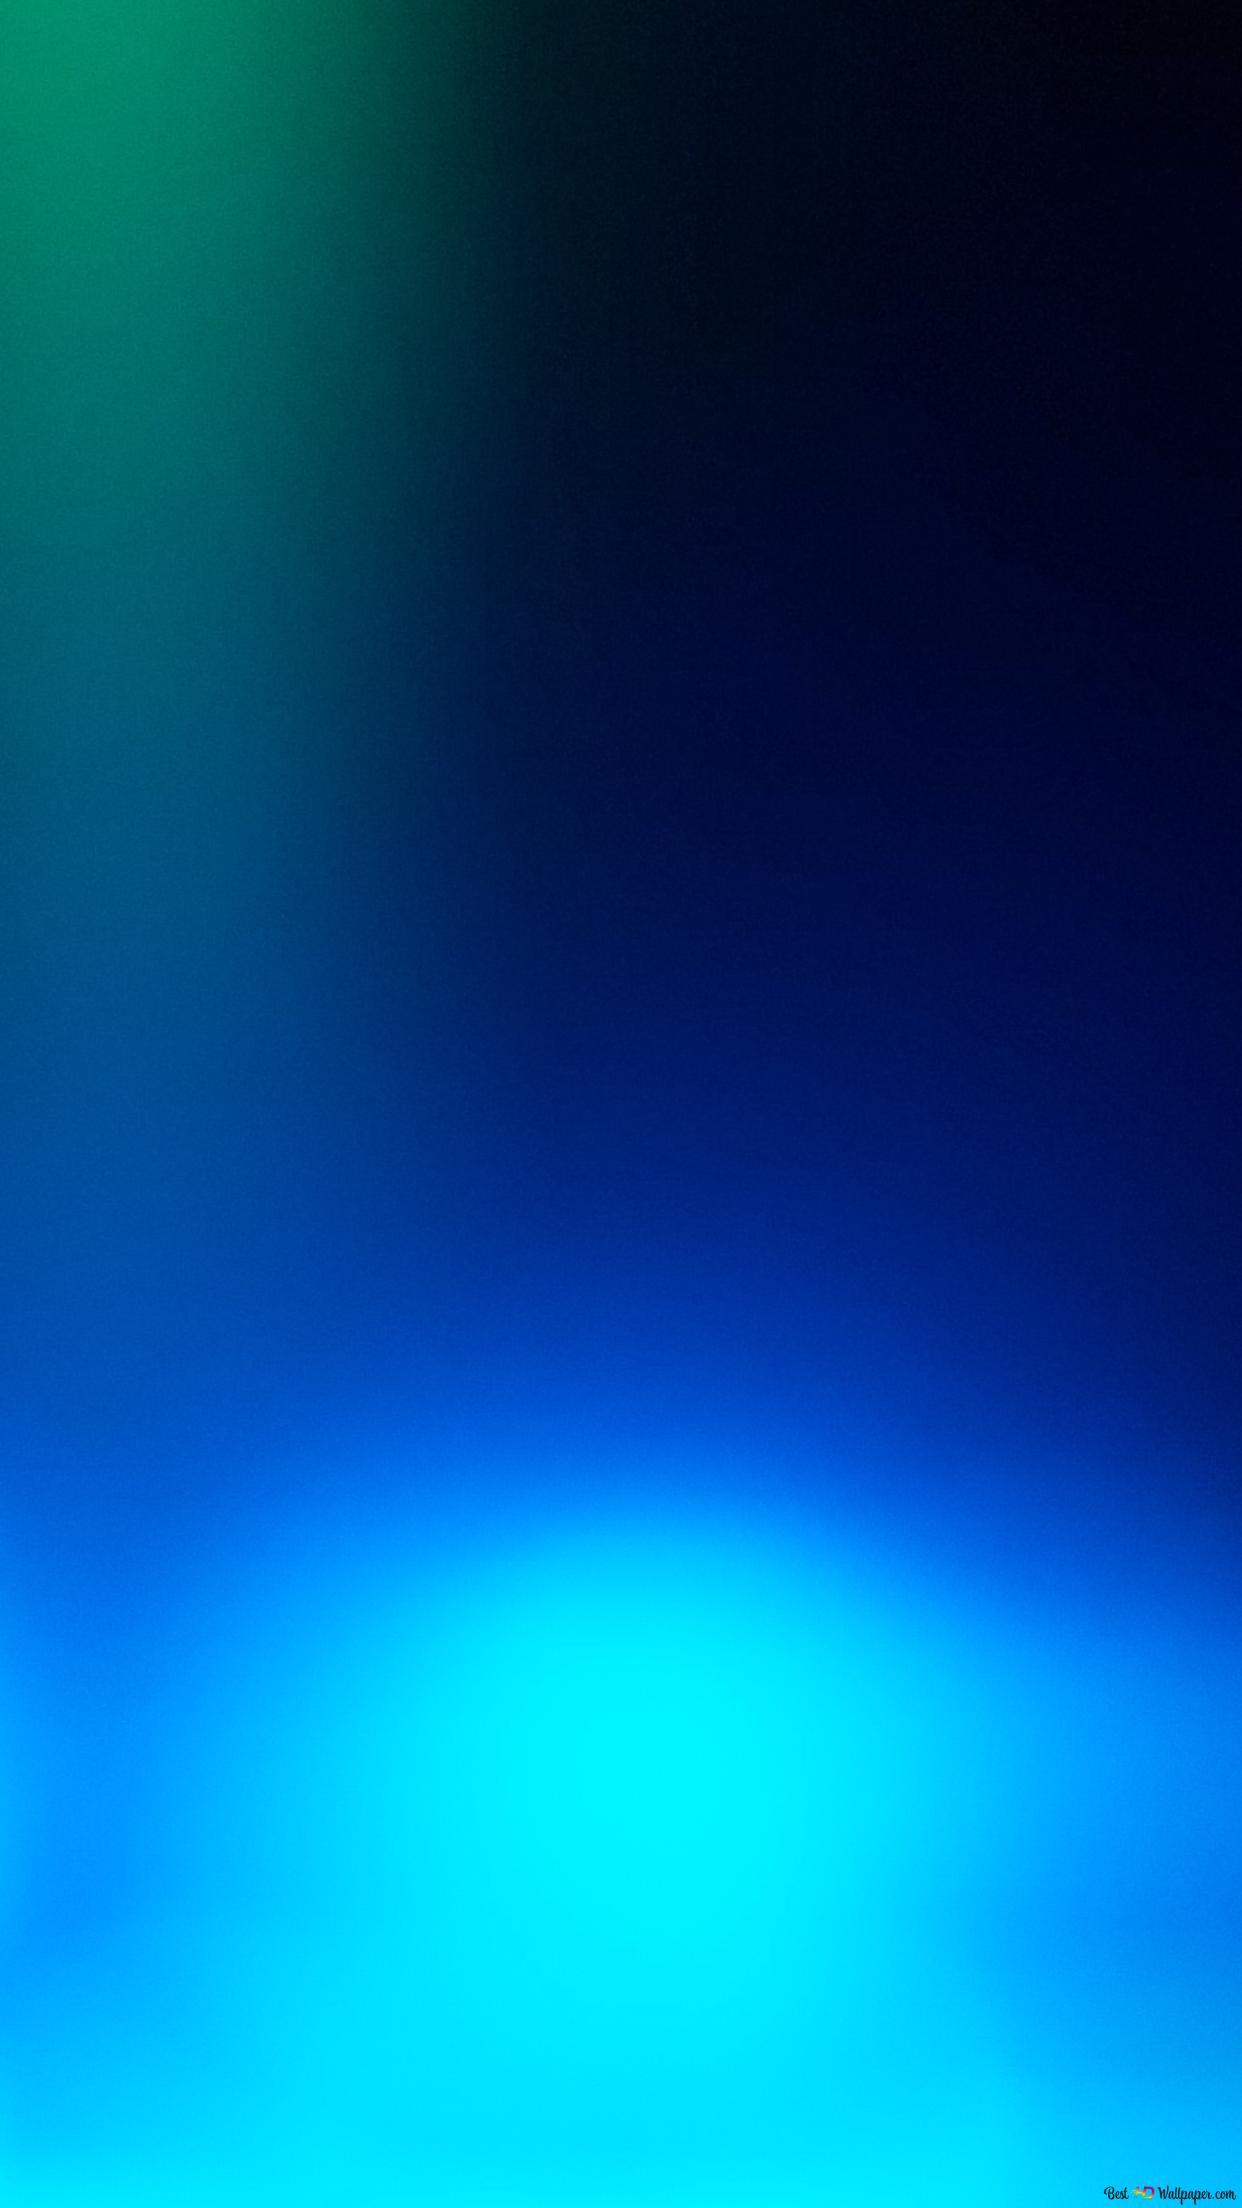 青と緑は4kの壁紙を点灯します Hd壁紙のダウンロード